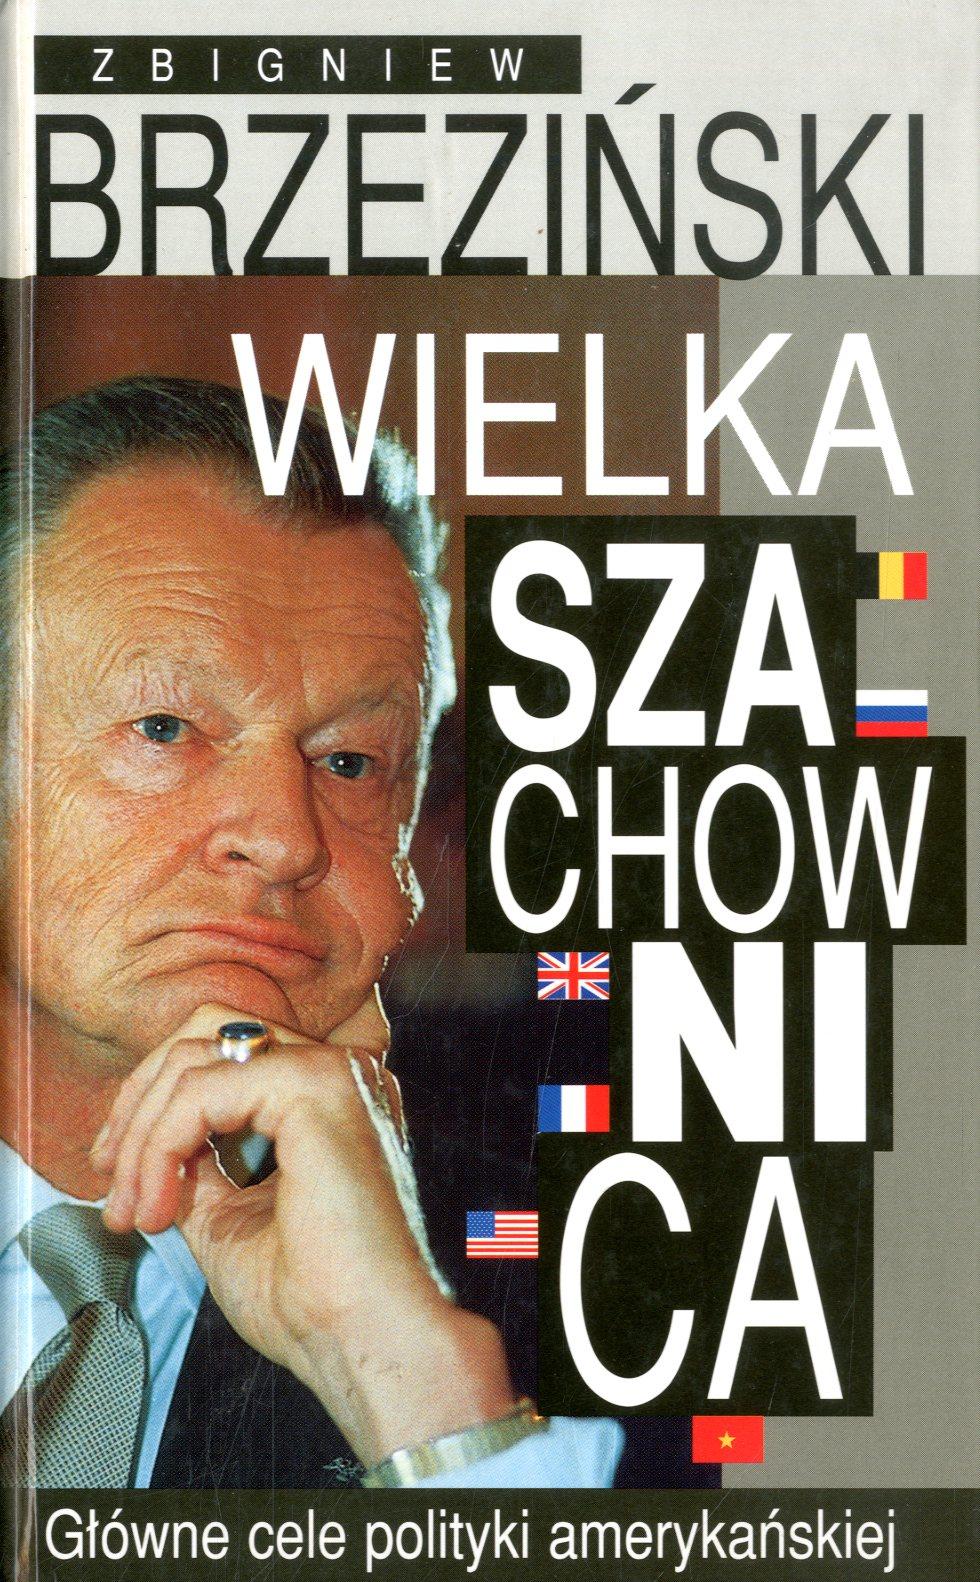 Znalezione obrazy dla zapytania Zbigniew Brzeziński Wielka szachownica - Główne cele polityki amerykańskiej